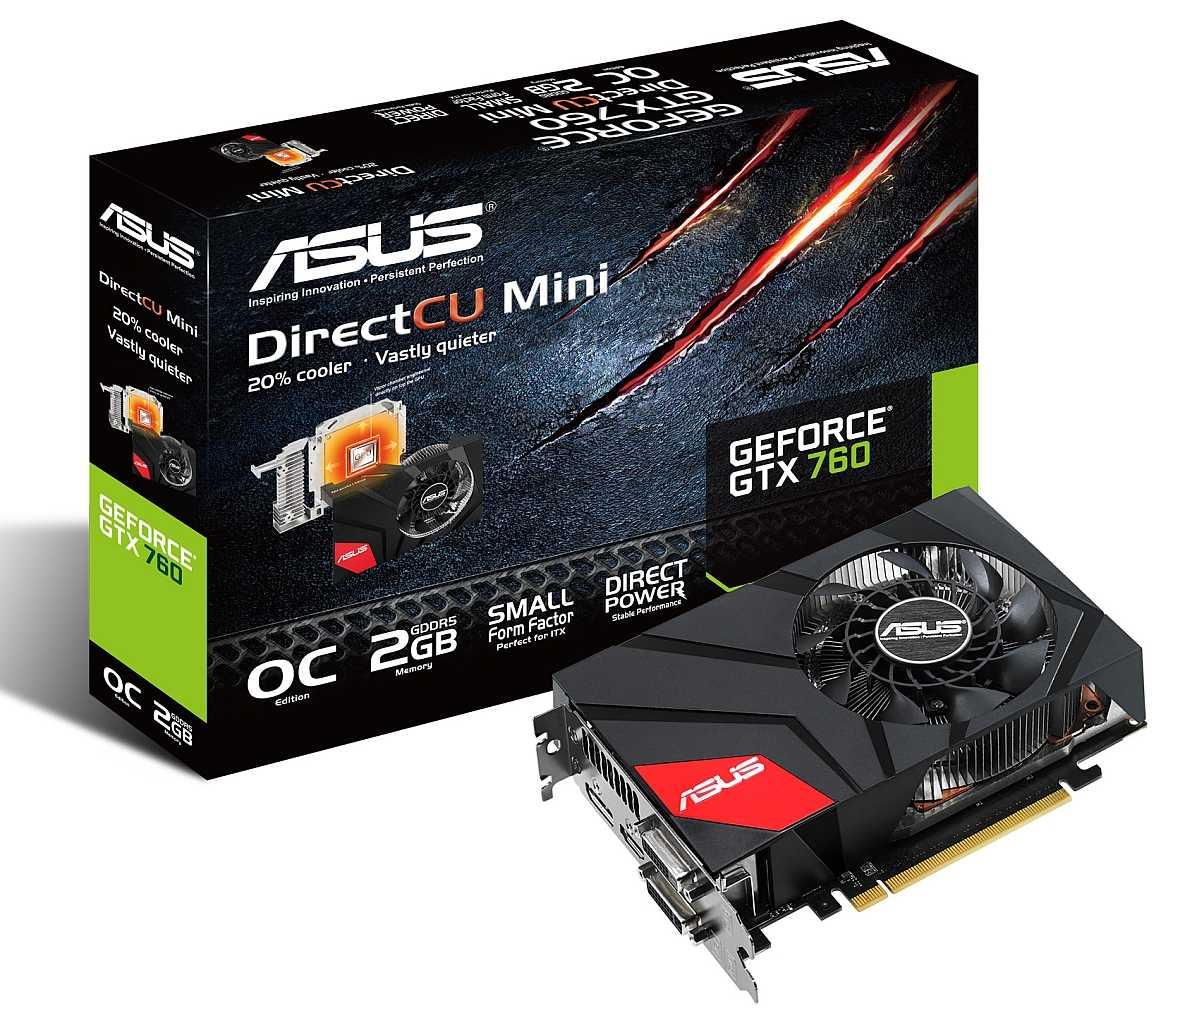 Asus Geforce GTX 760 DirectCU mini box